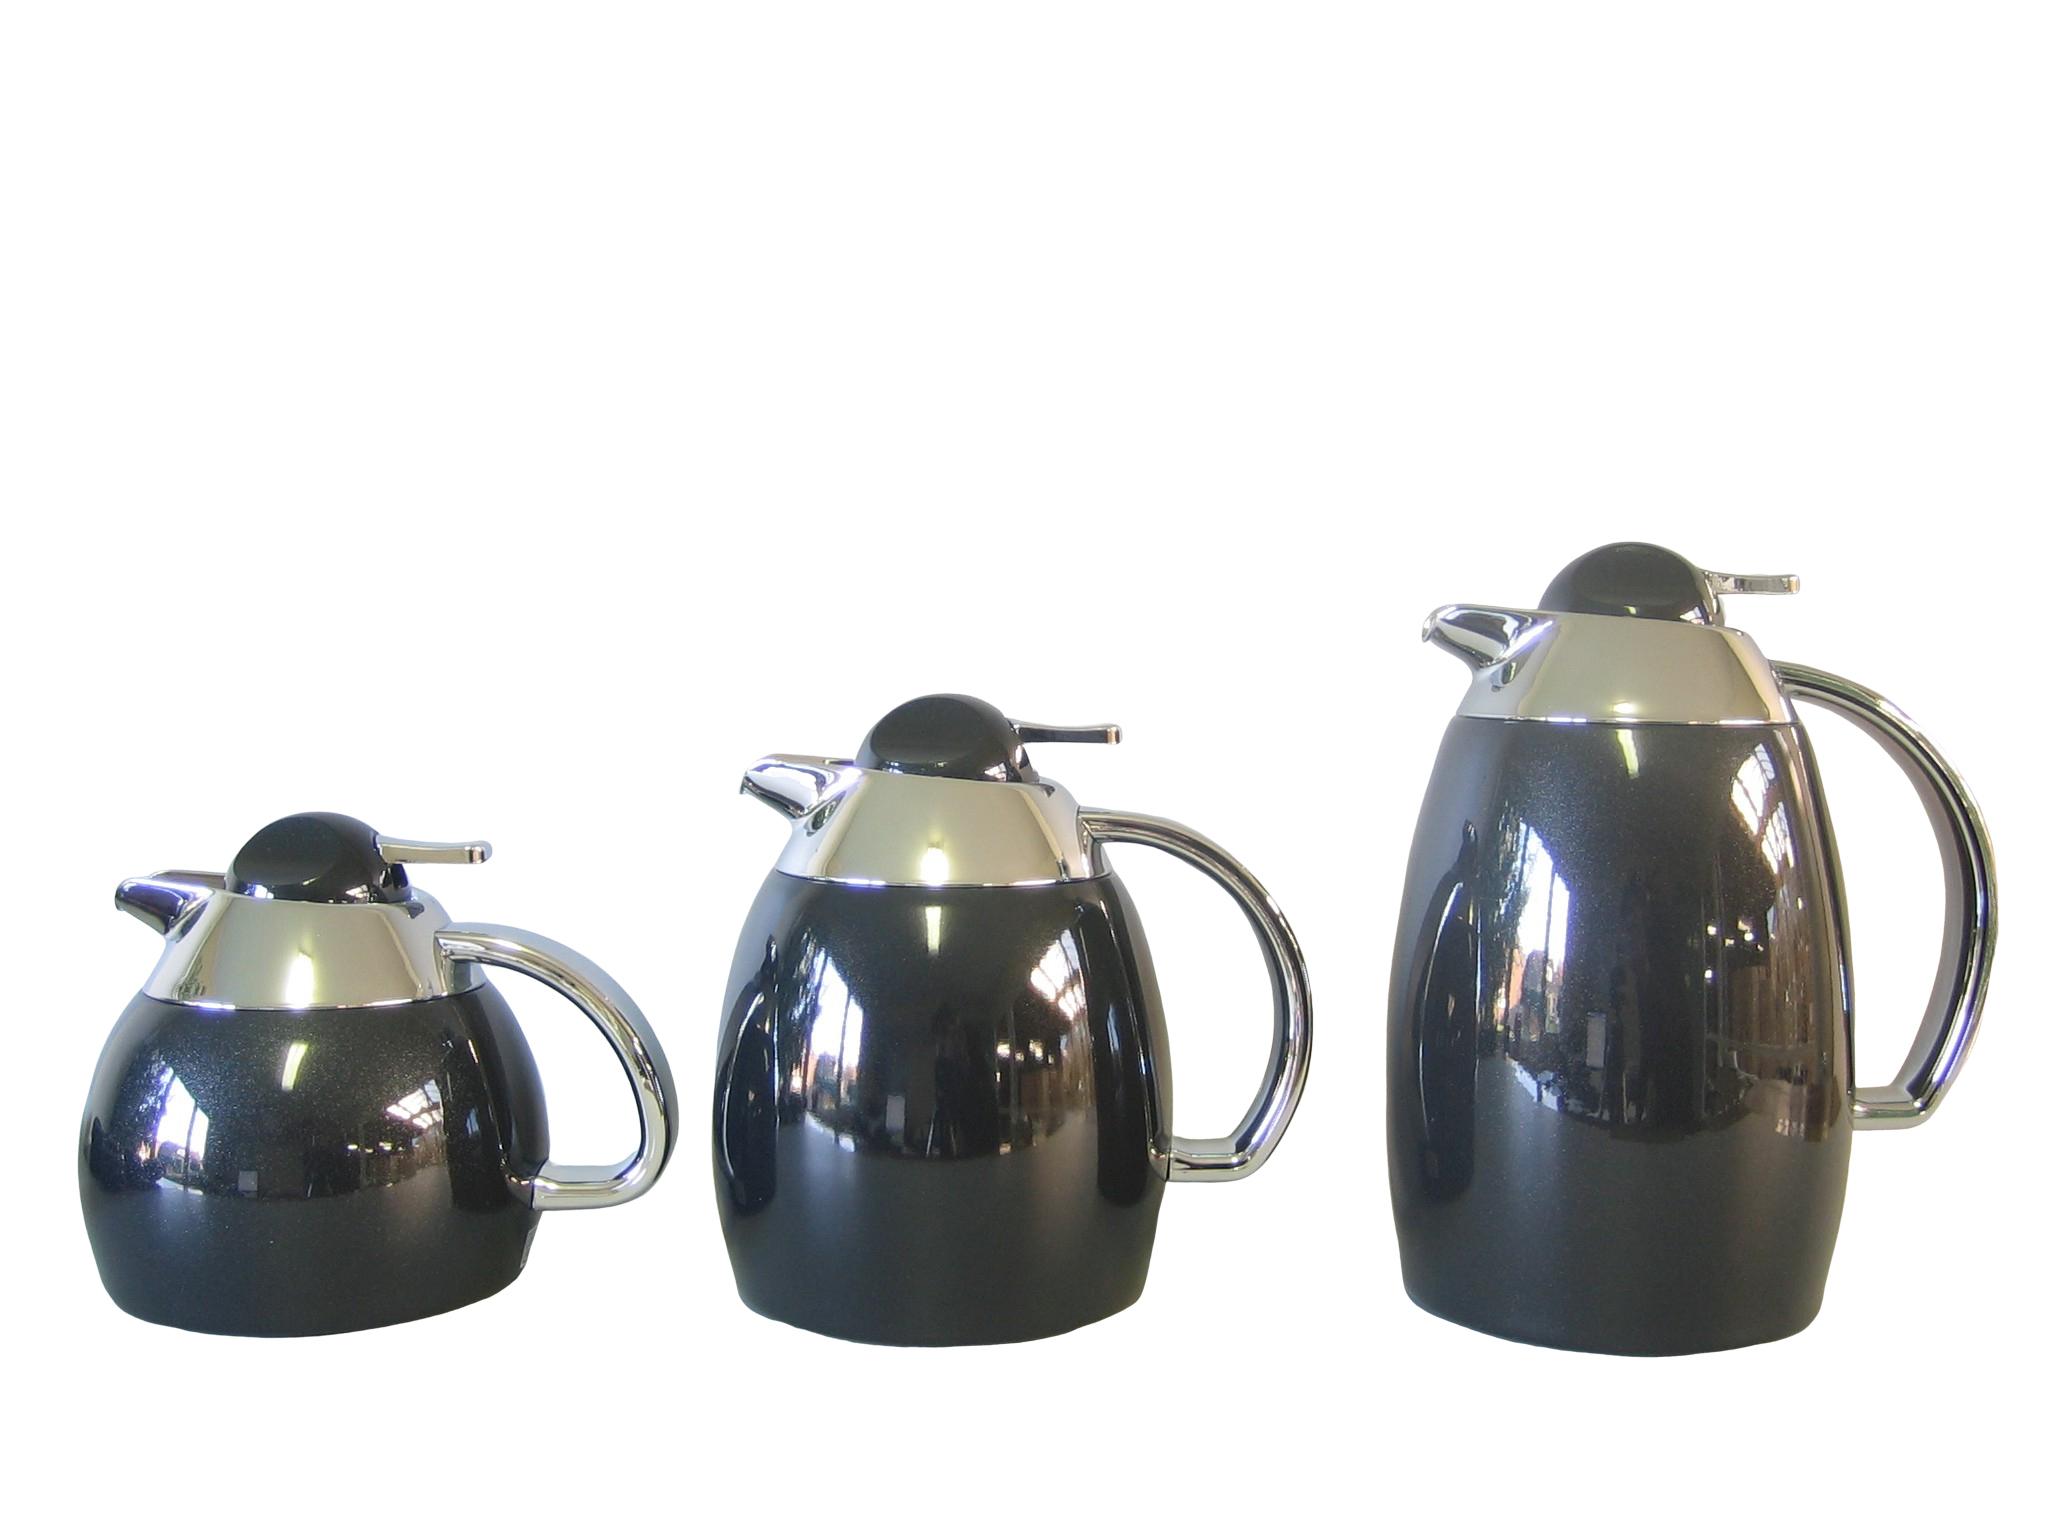 OPERA06-049 - Isoleerkan onbreekbaar inox donker grijs 0.6 L - Isobel